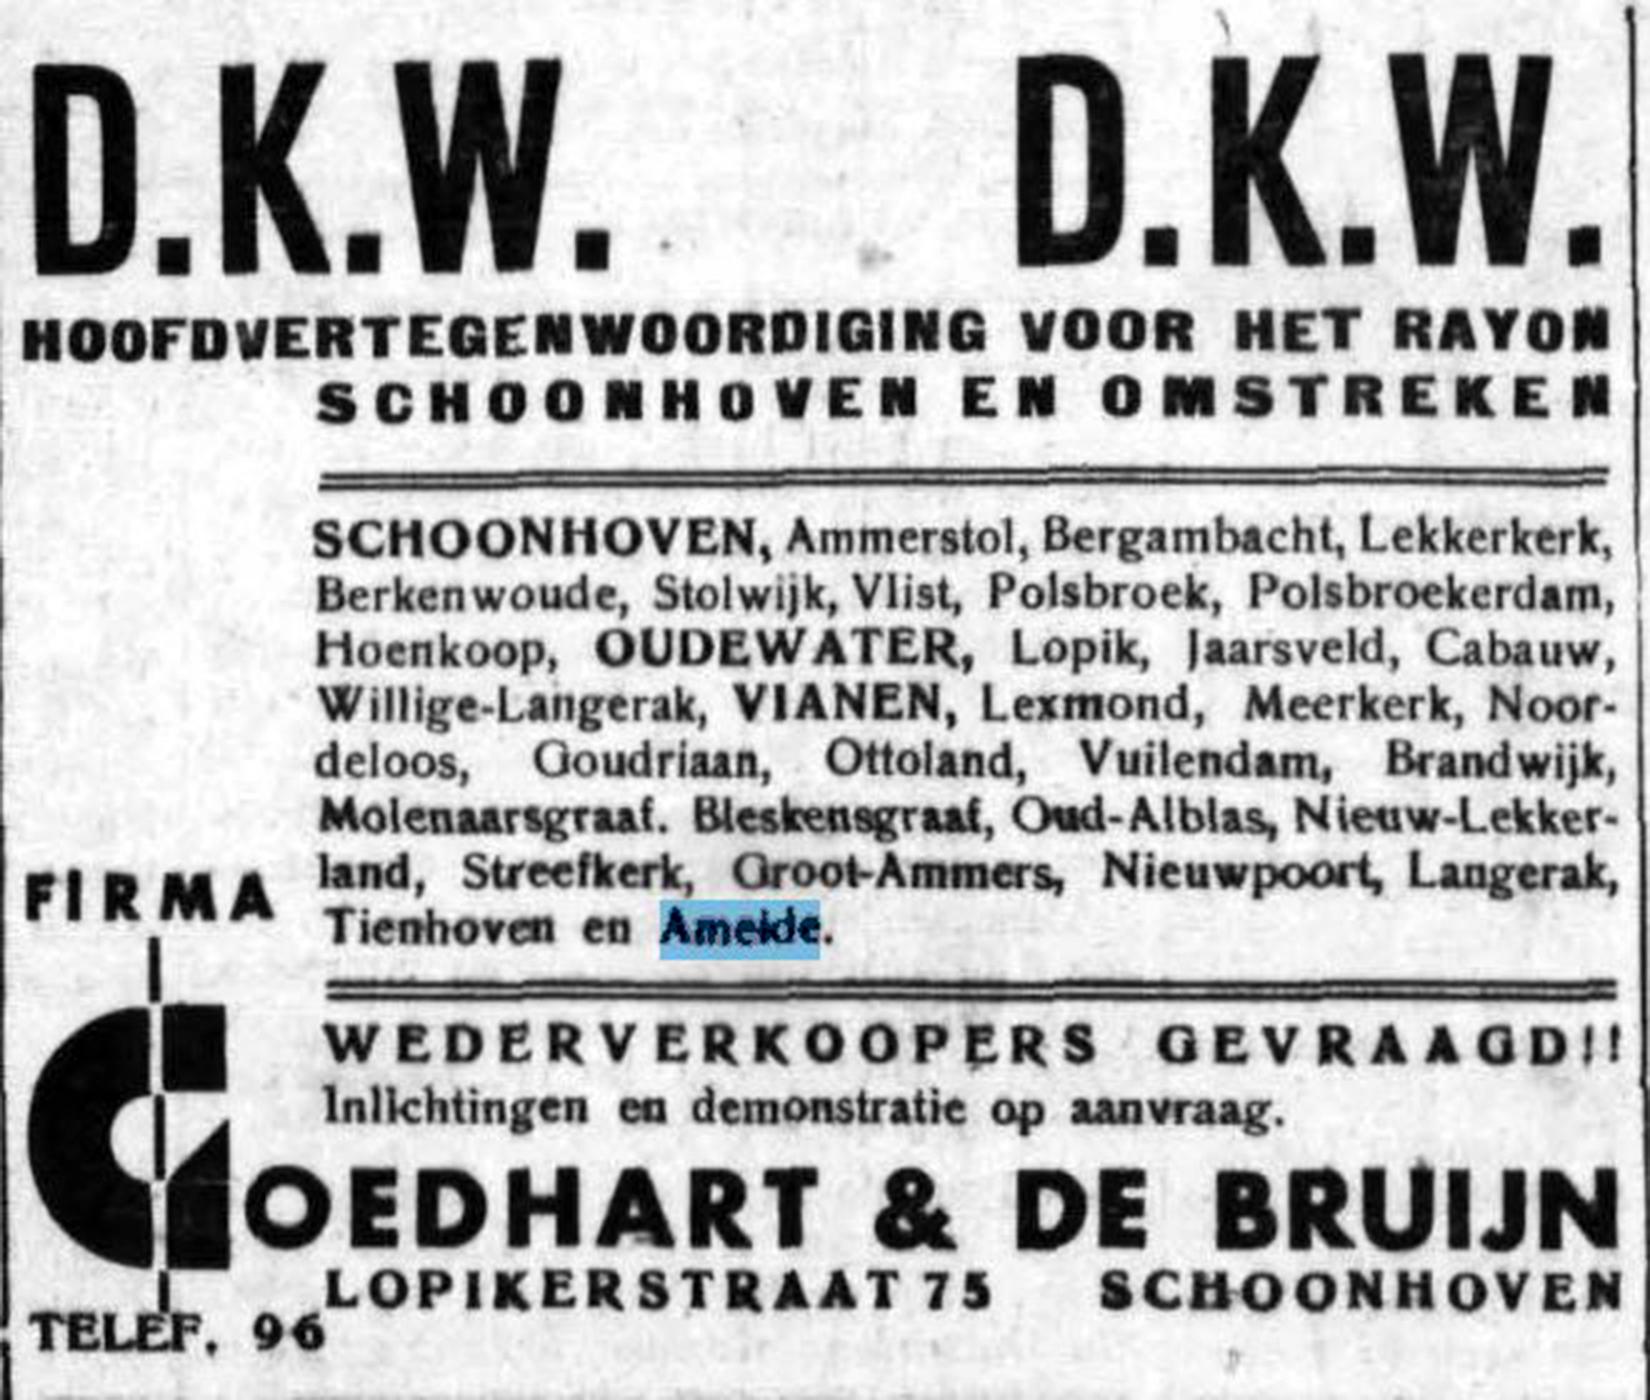 Schoonhovensche Courant 07761 1937-01-20 artikel 01